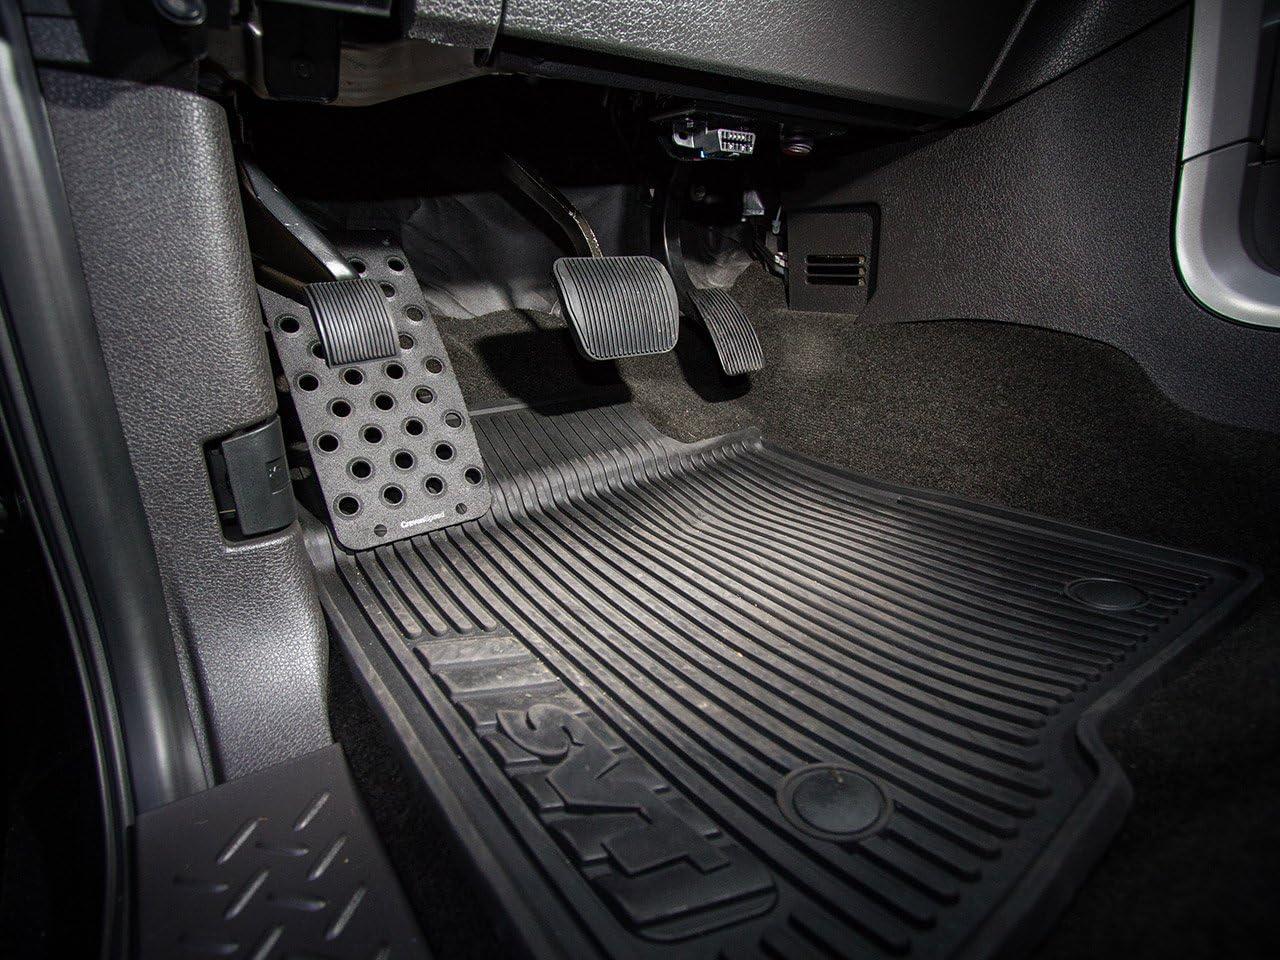 Ford F-150 2009-2014 CravenSpeed Dead Pedal for Ford Raptor 2010-2016